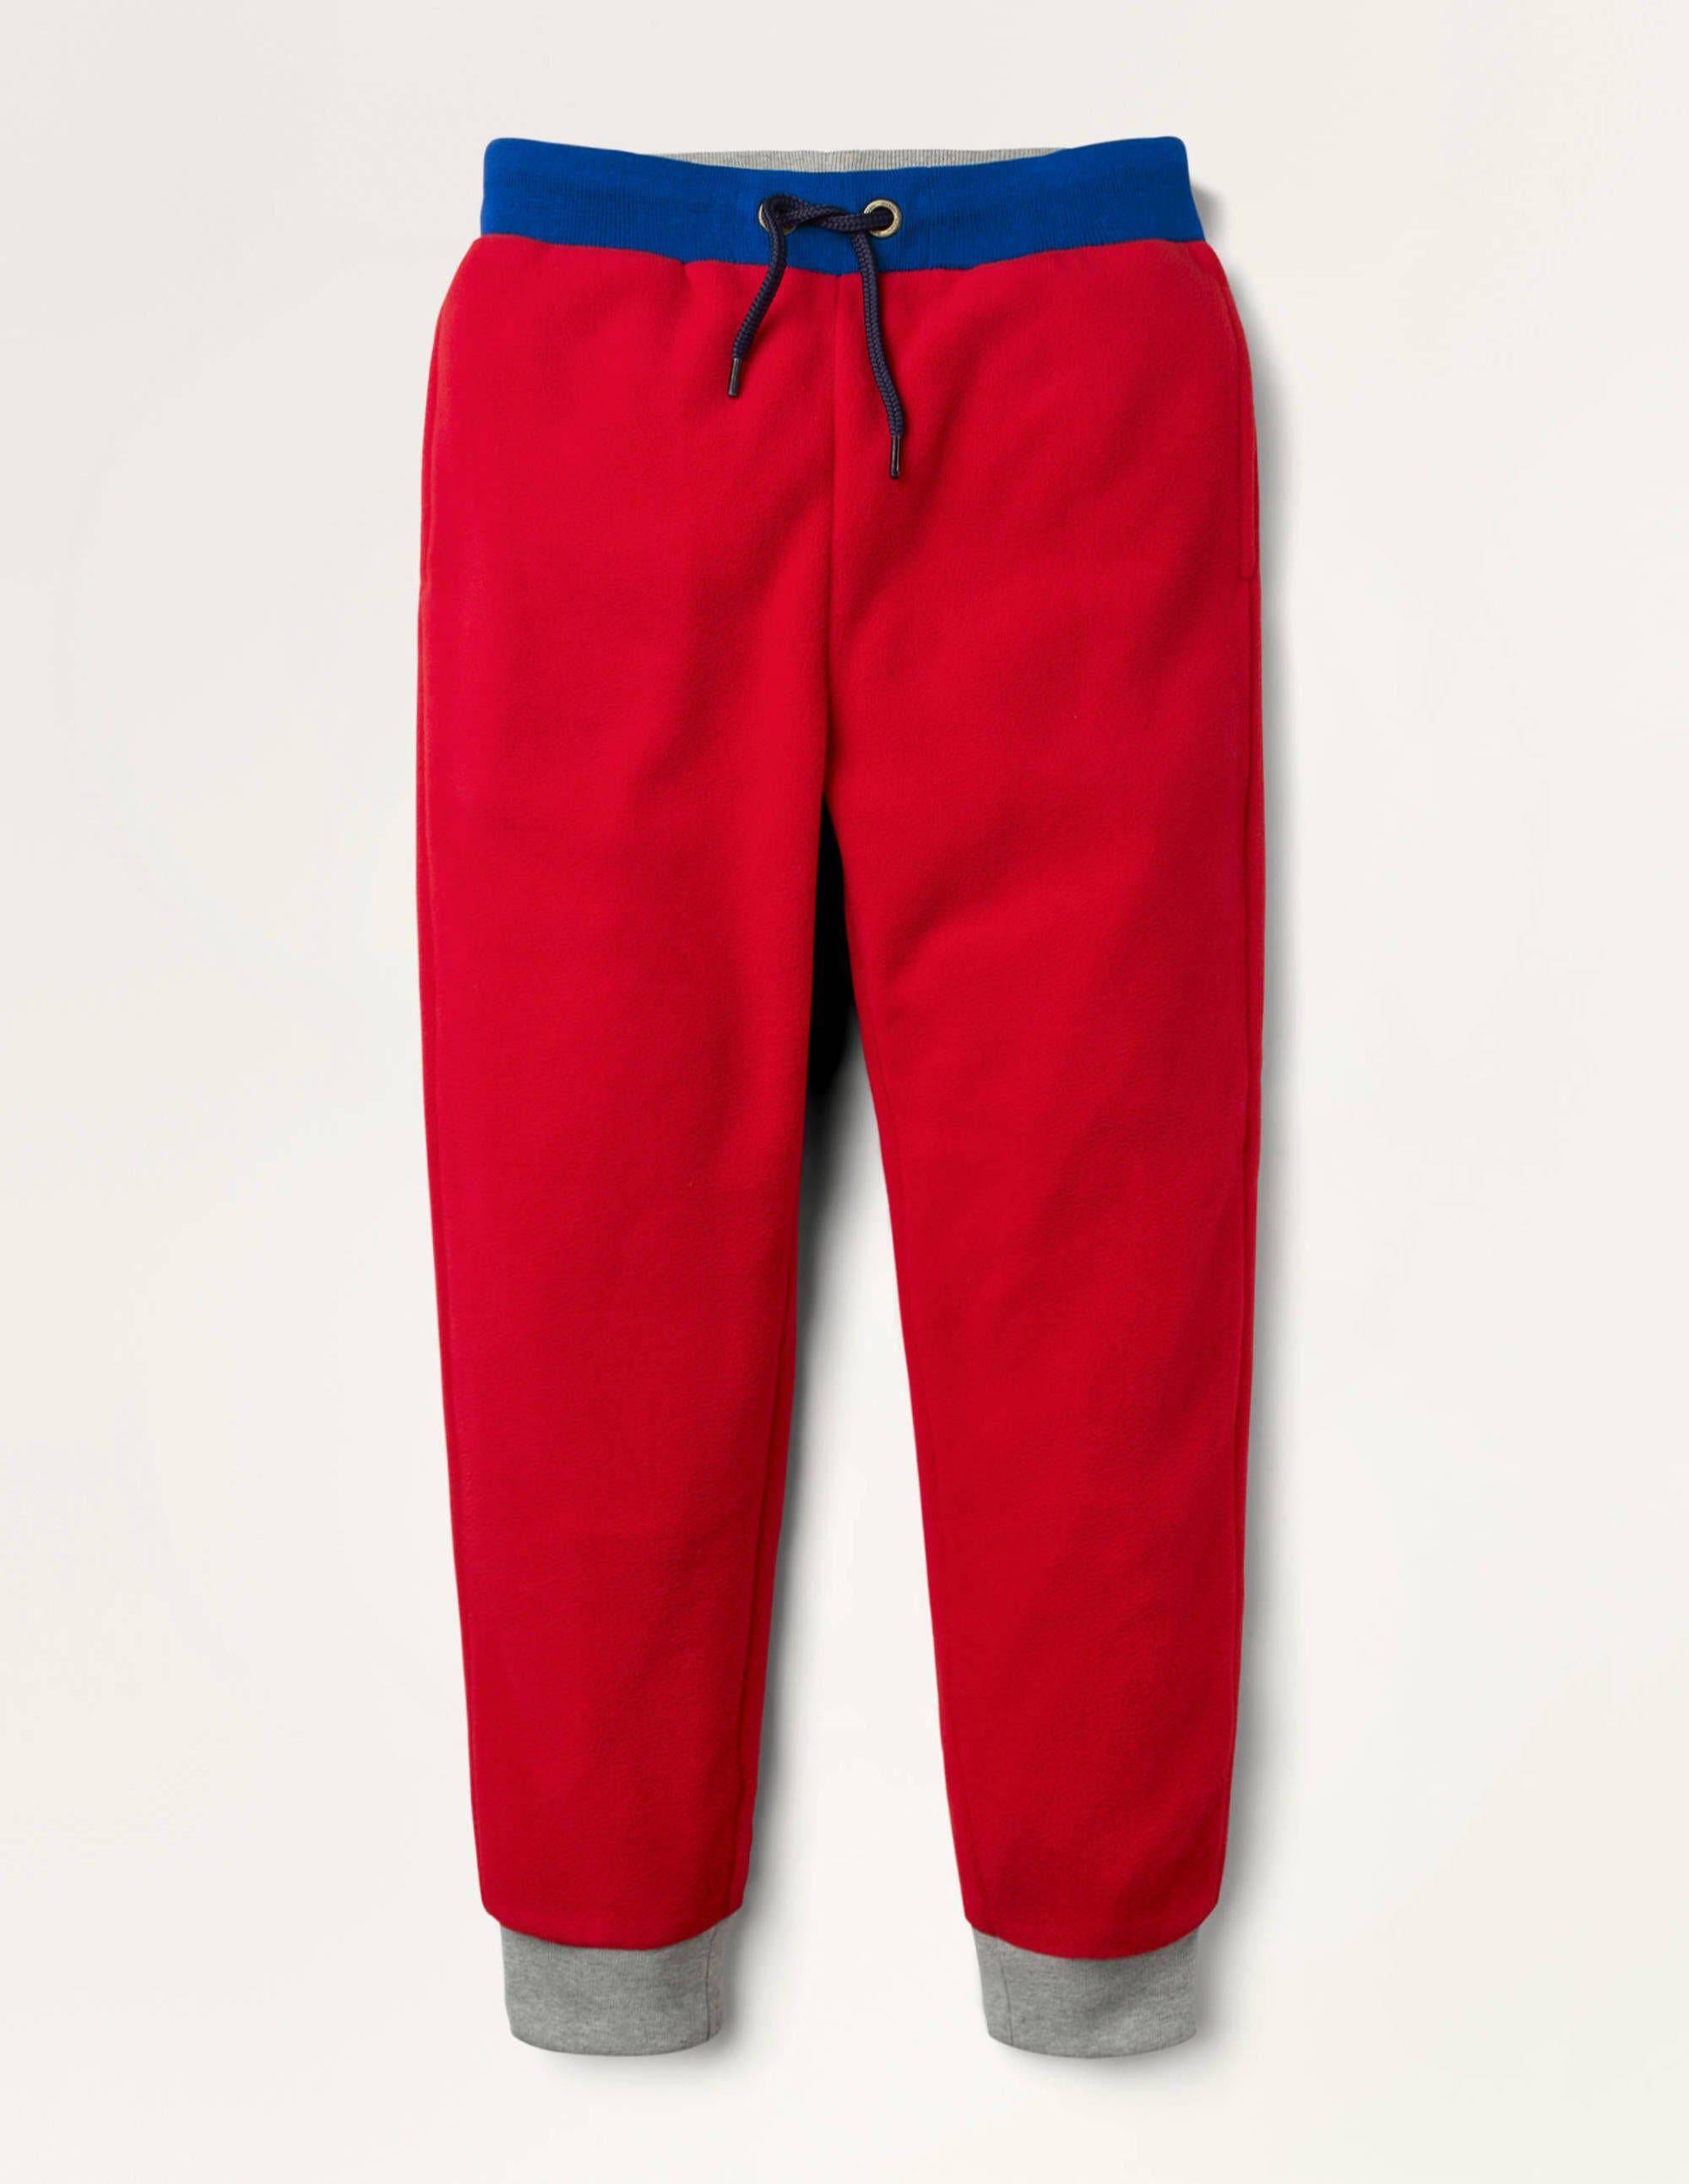 Mini Bas de jogging en micro-polaire RED Garçon Boden, Red - 9a